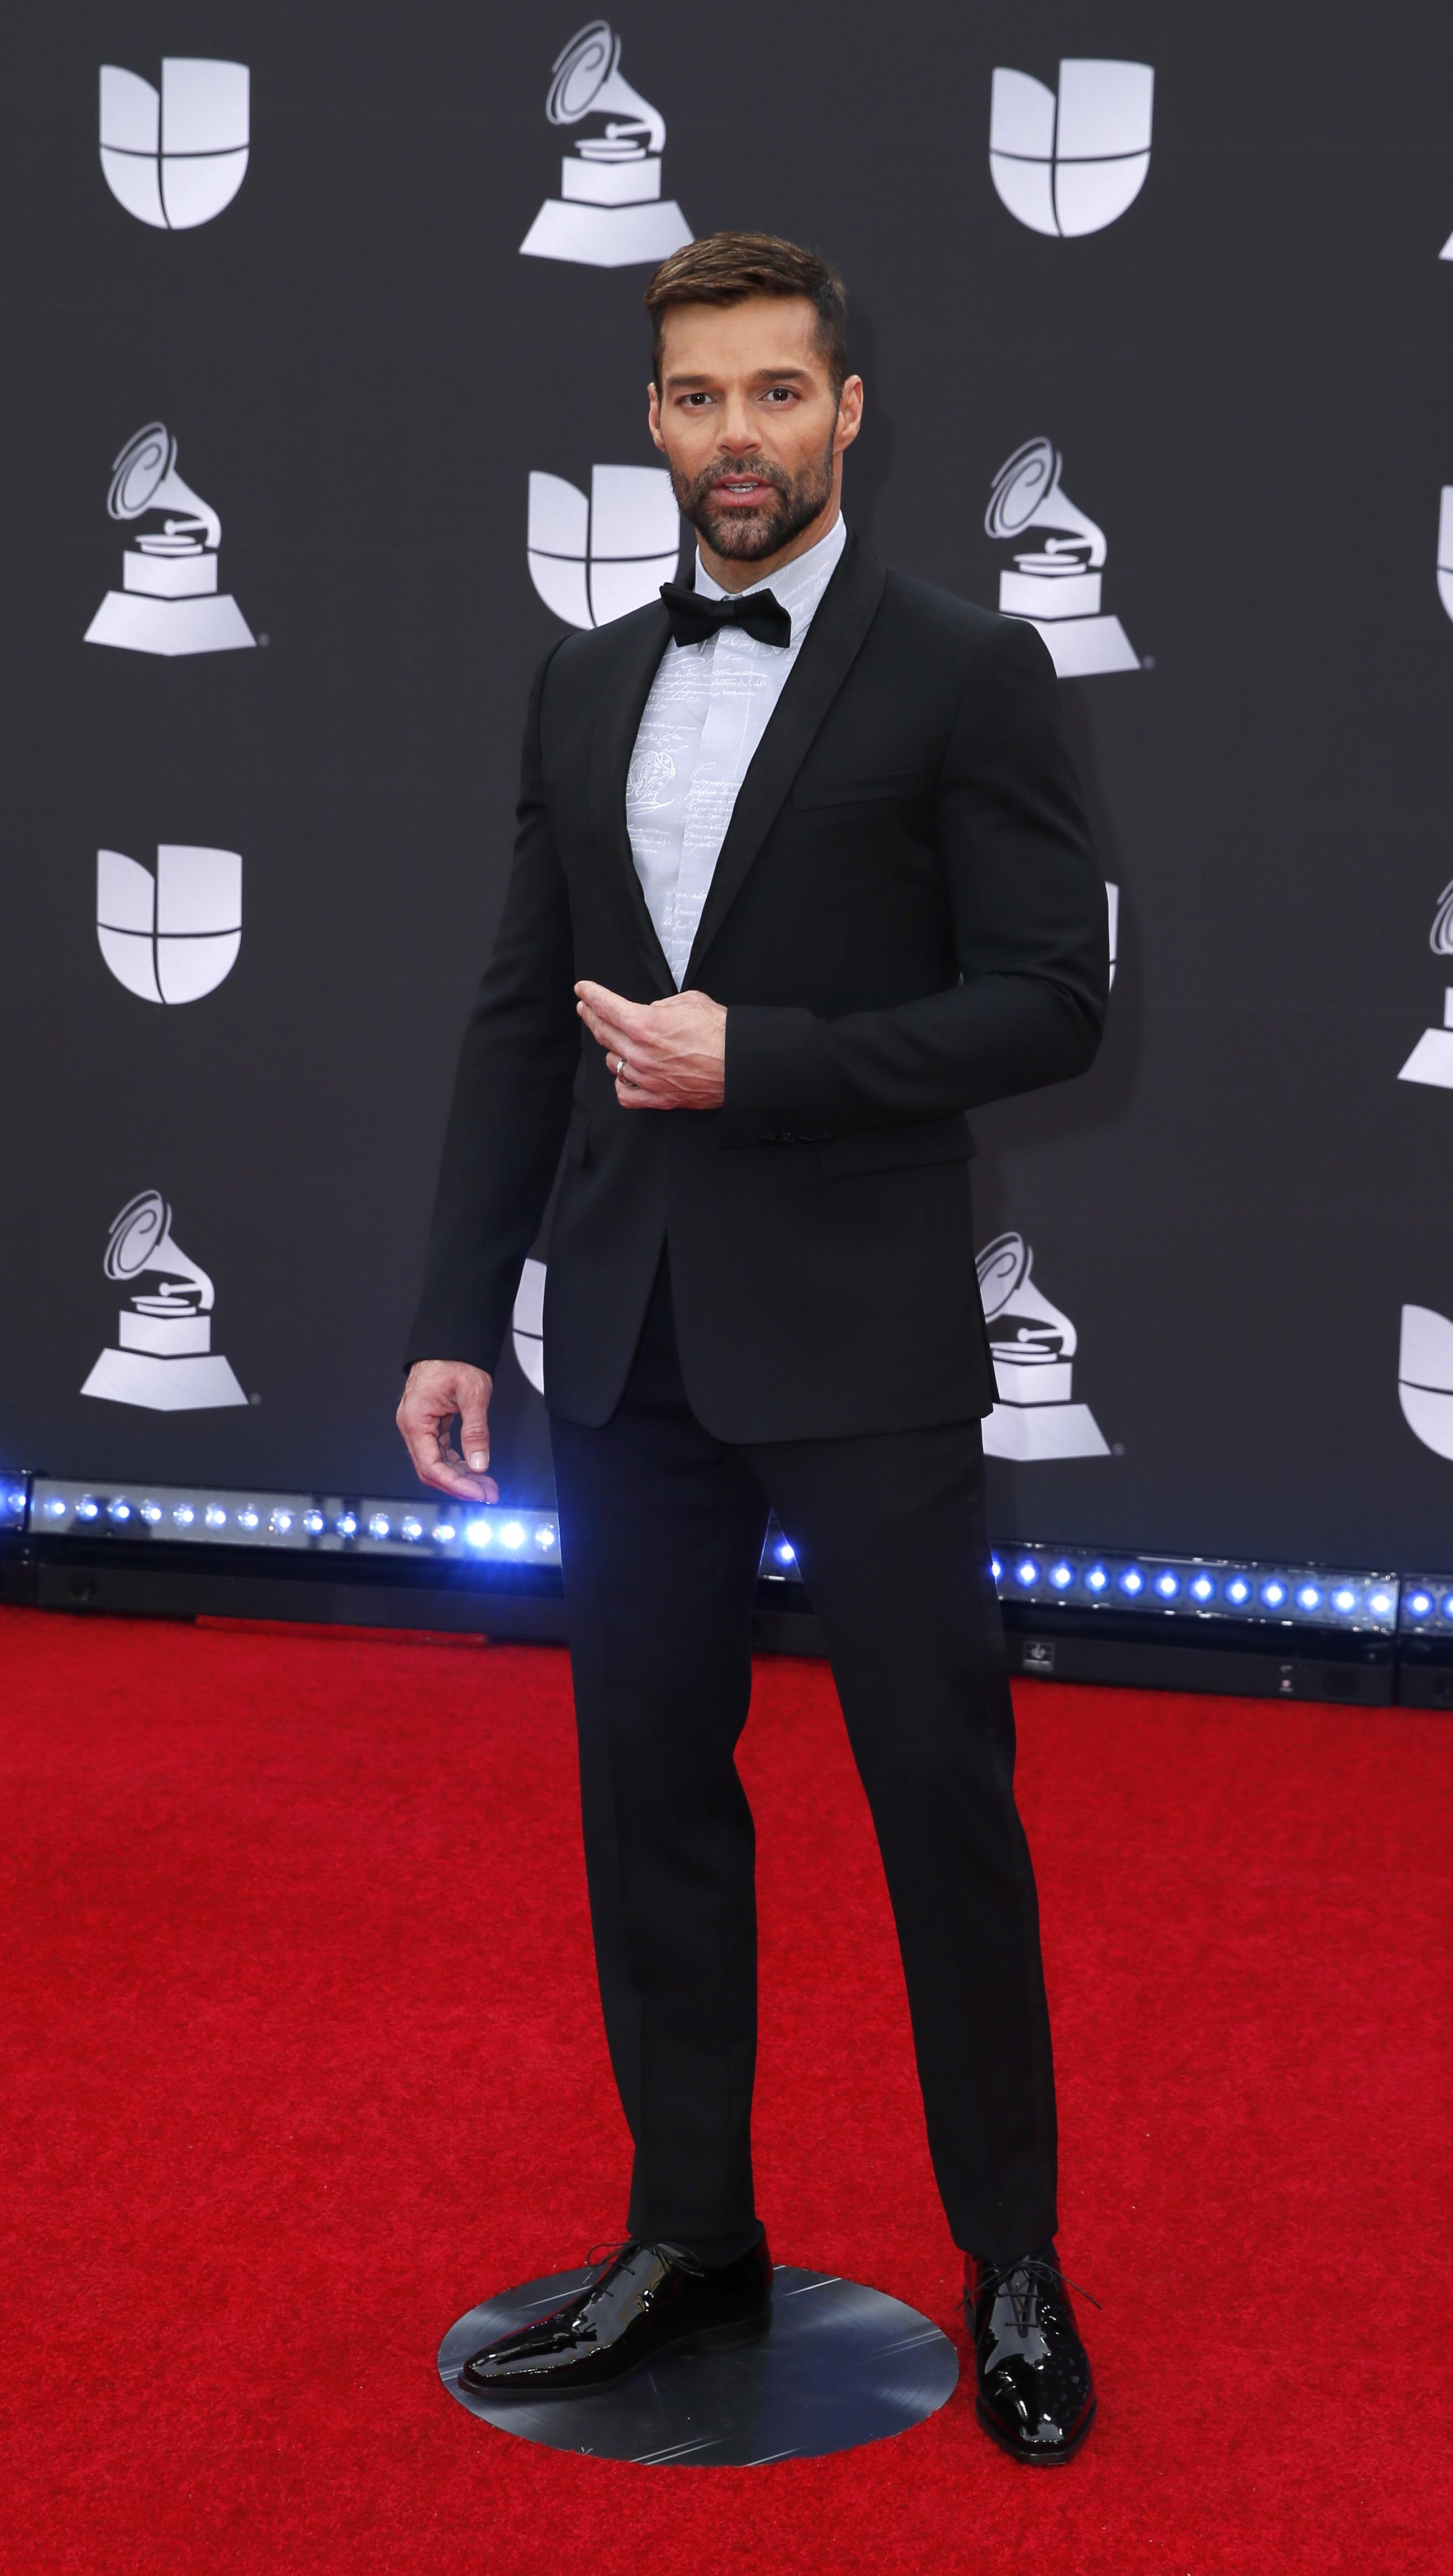 Ricky Martin es el anfitrión de la velada y se presentará en el escenario de los Latin Grammy 2019 con su nuevo tema